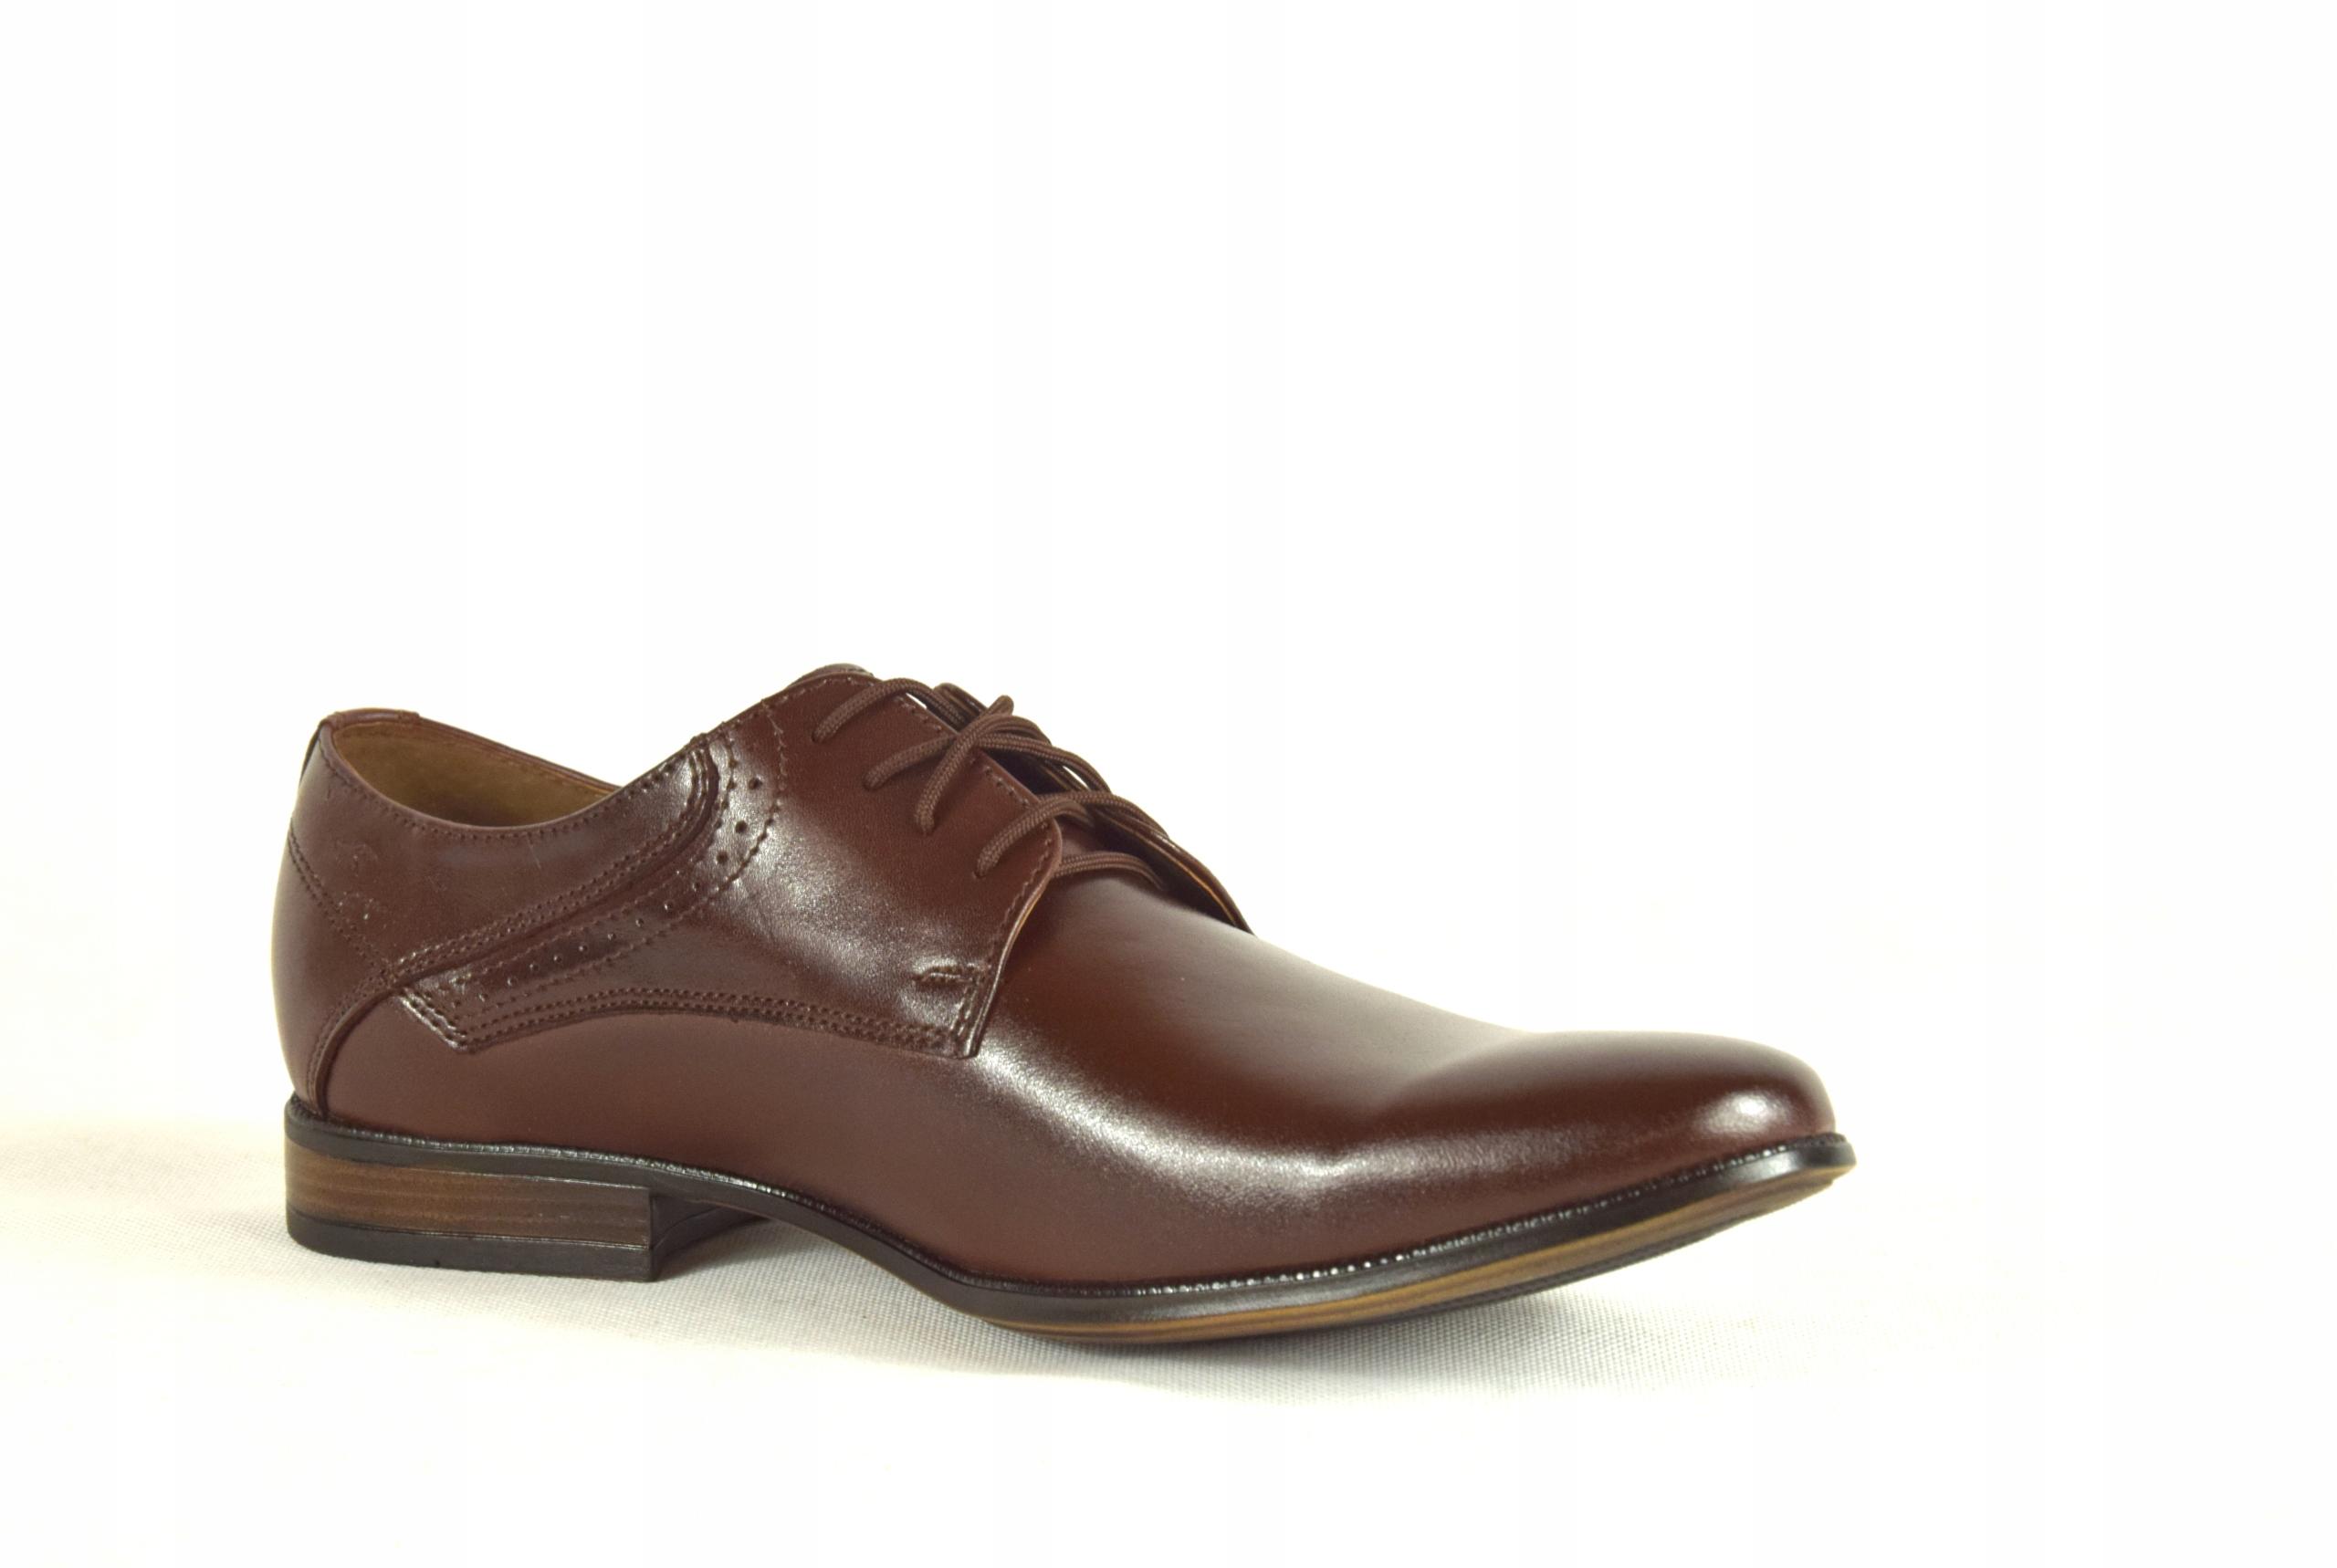 Buty męskie wizytowe skórzane brązowe obuwie 11 Marka inna